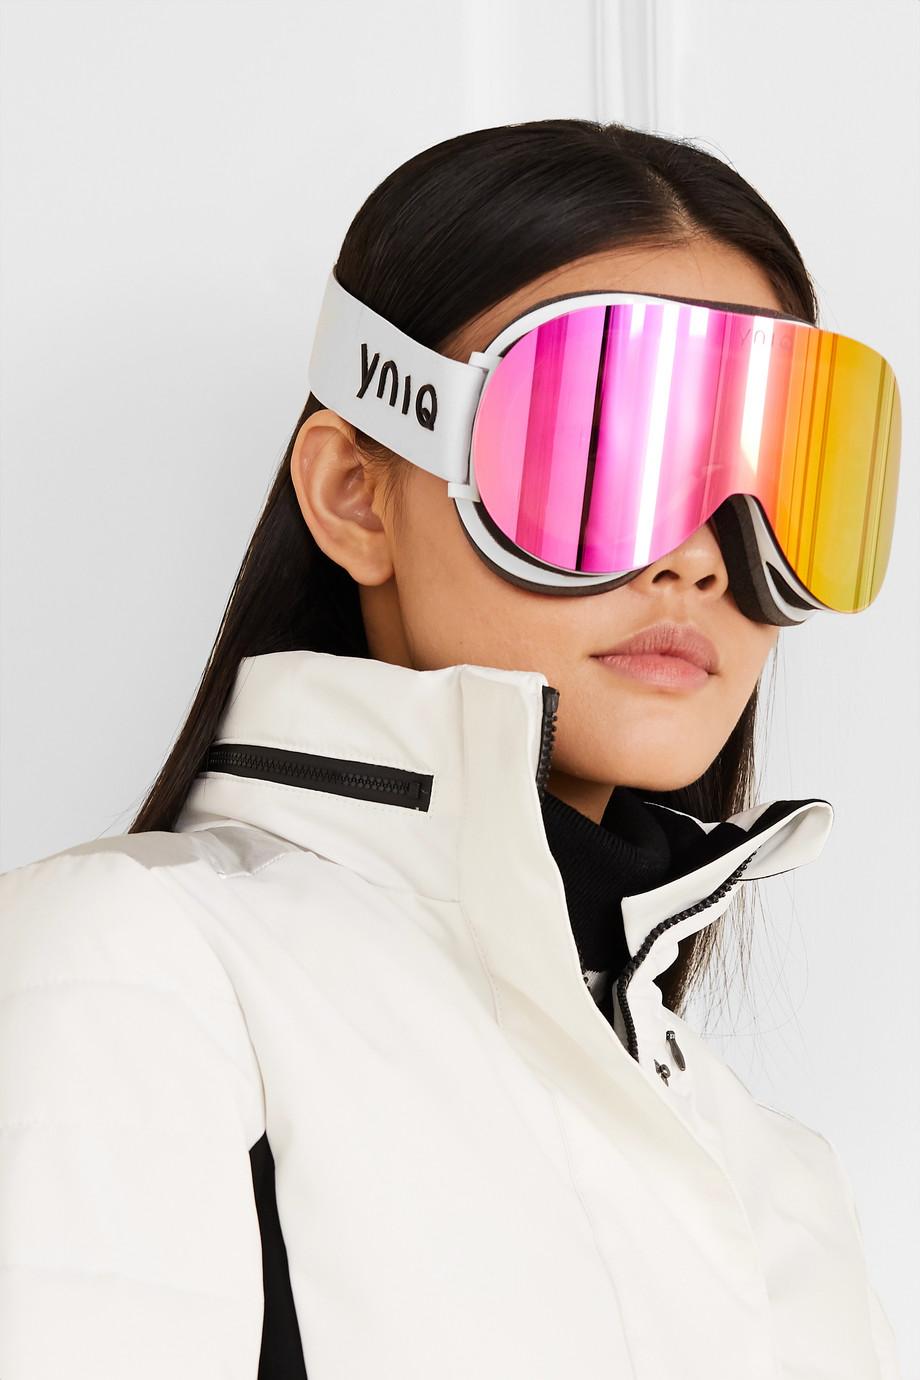 YNIQ Model Two mirrored ski goggles